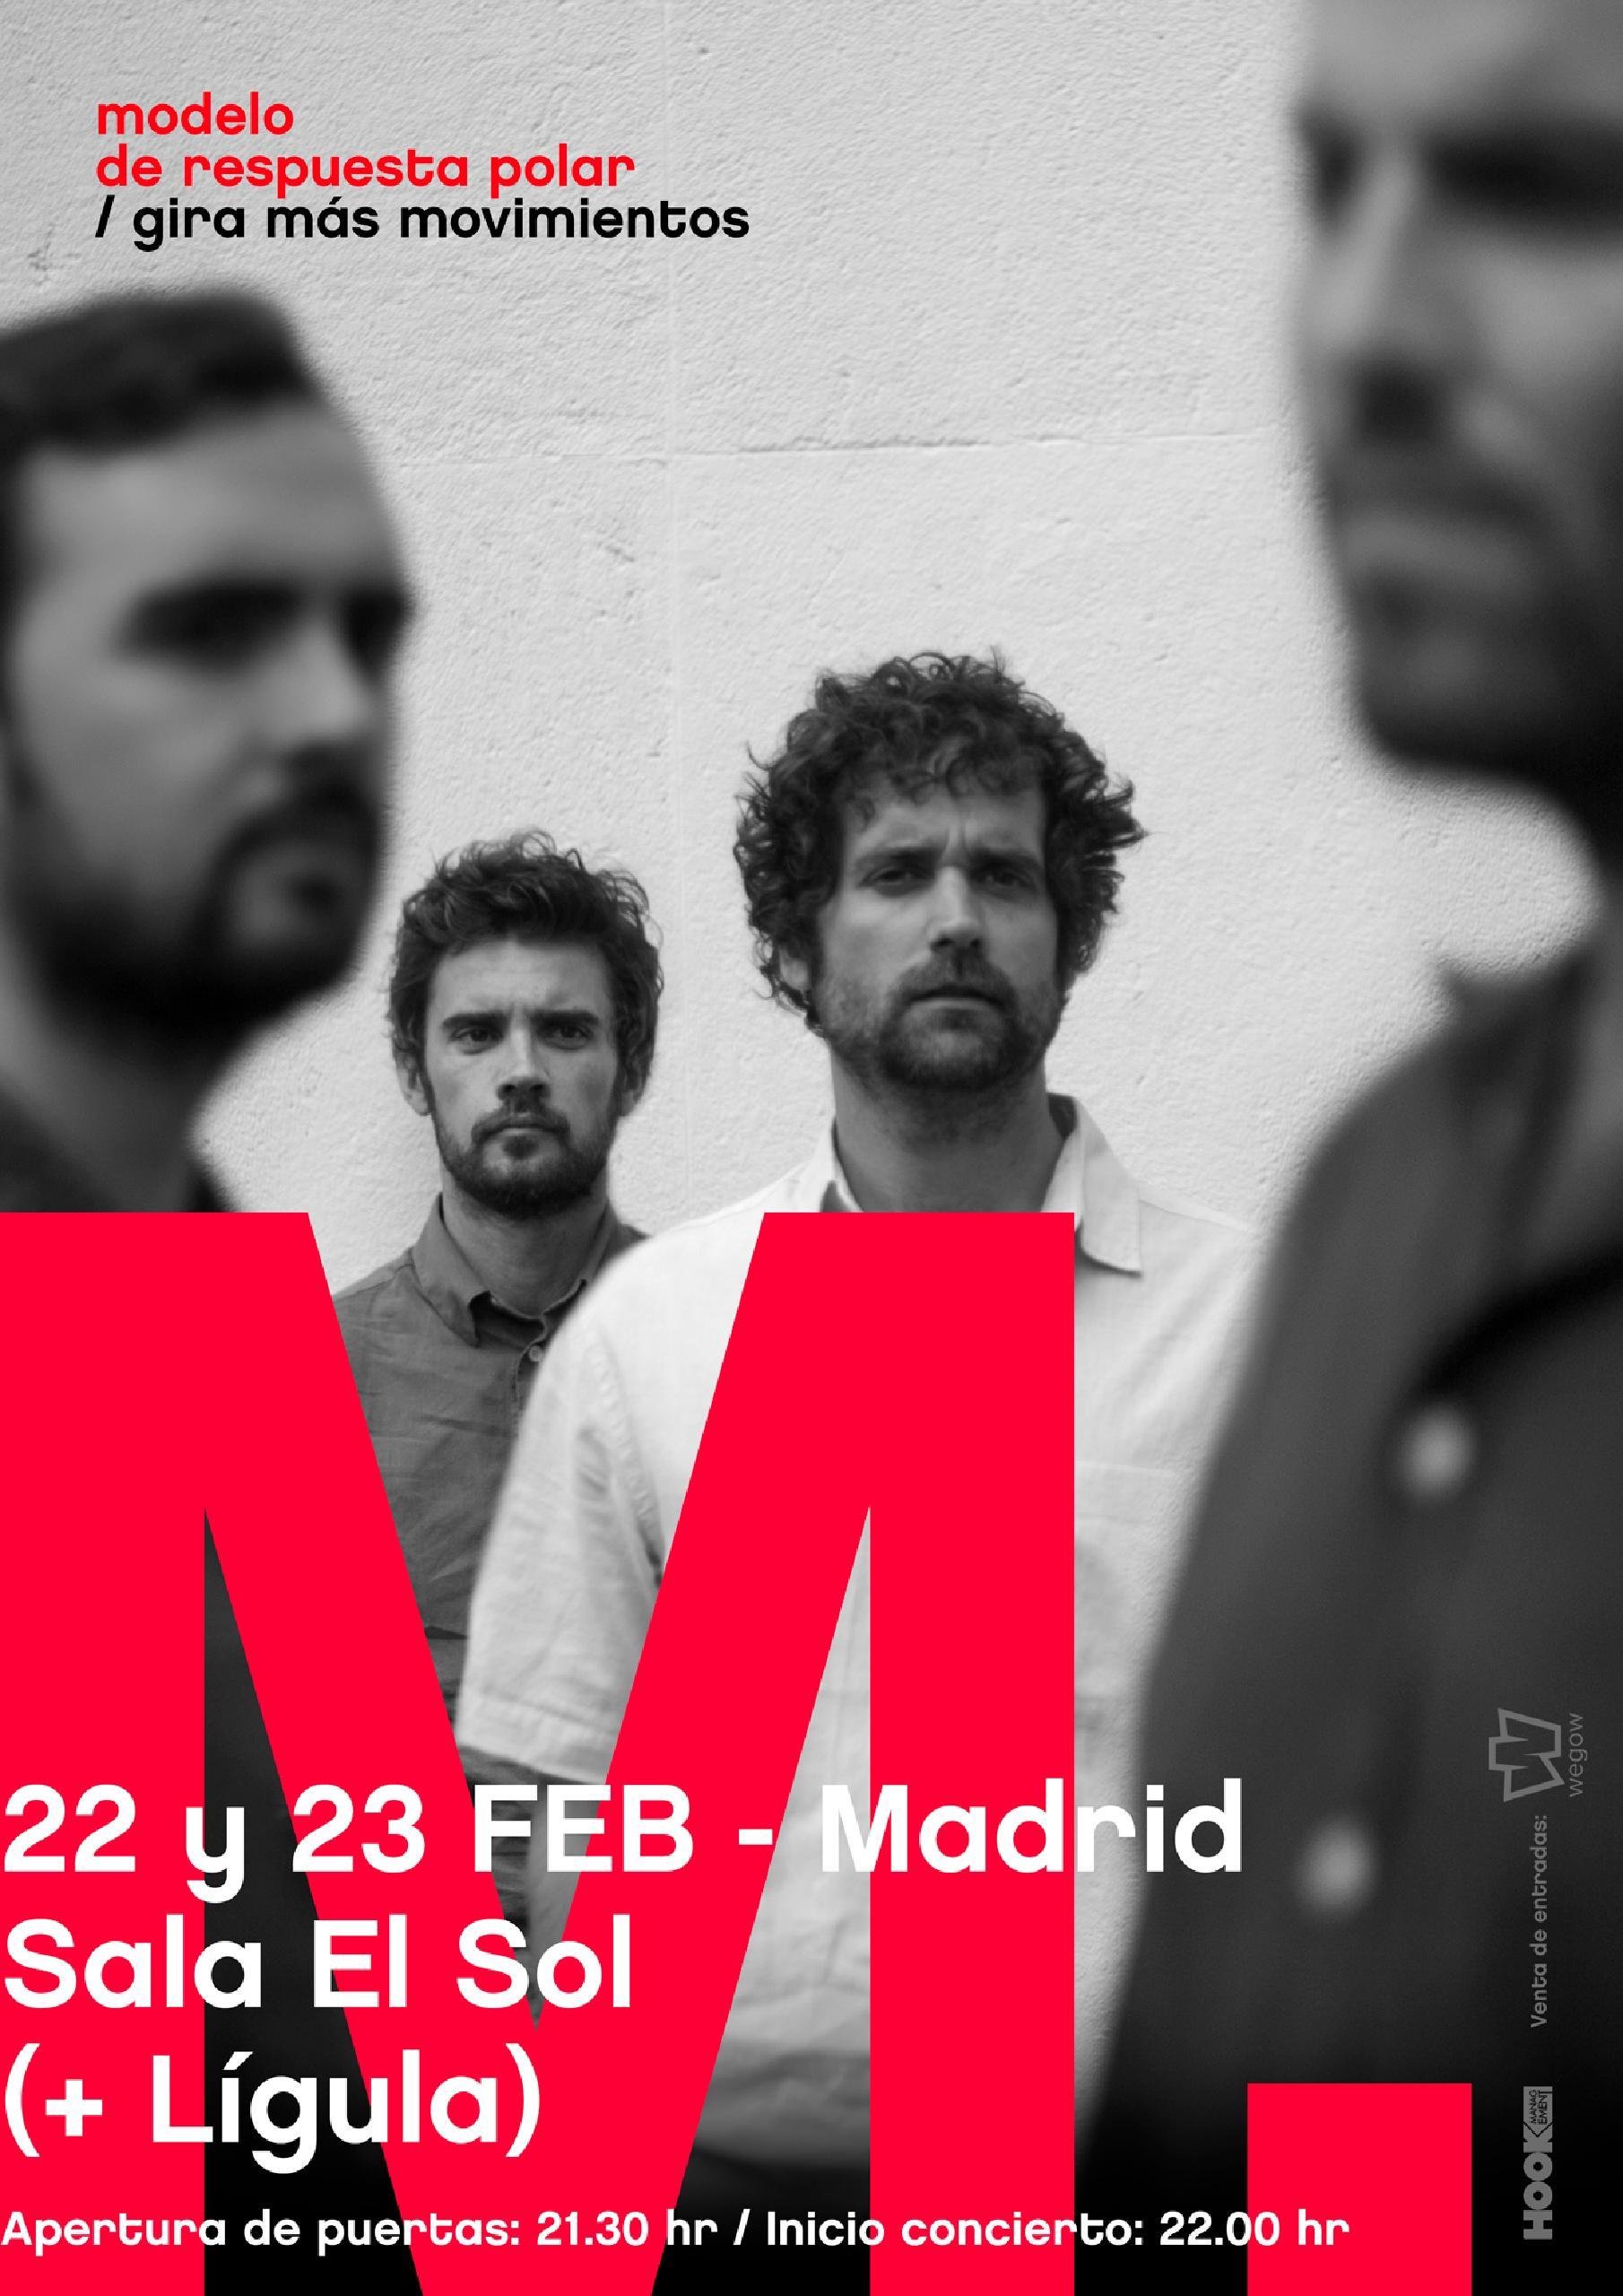 Concierto de Modelo de Respuesta Polar y Lígula en Madrid